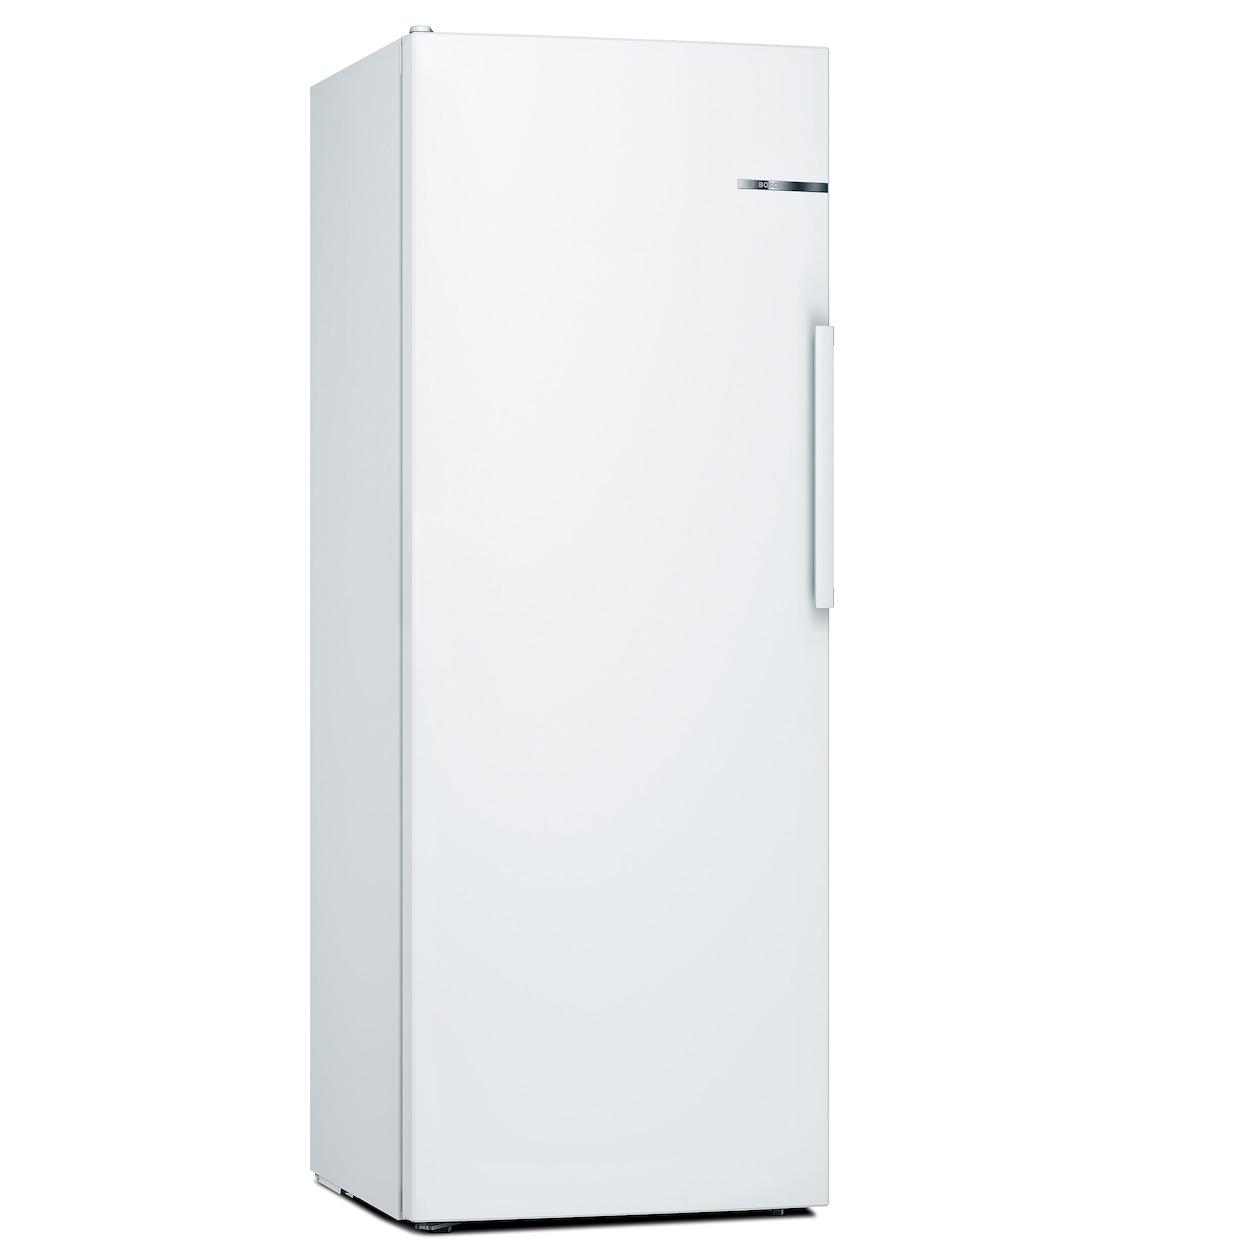 Bosch koelkast zonder vriesvak KSV29VW4P wit - Prijsvergelijk